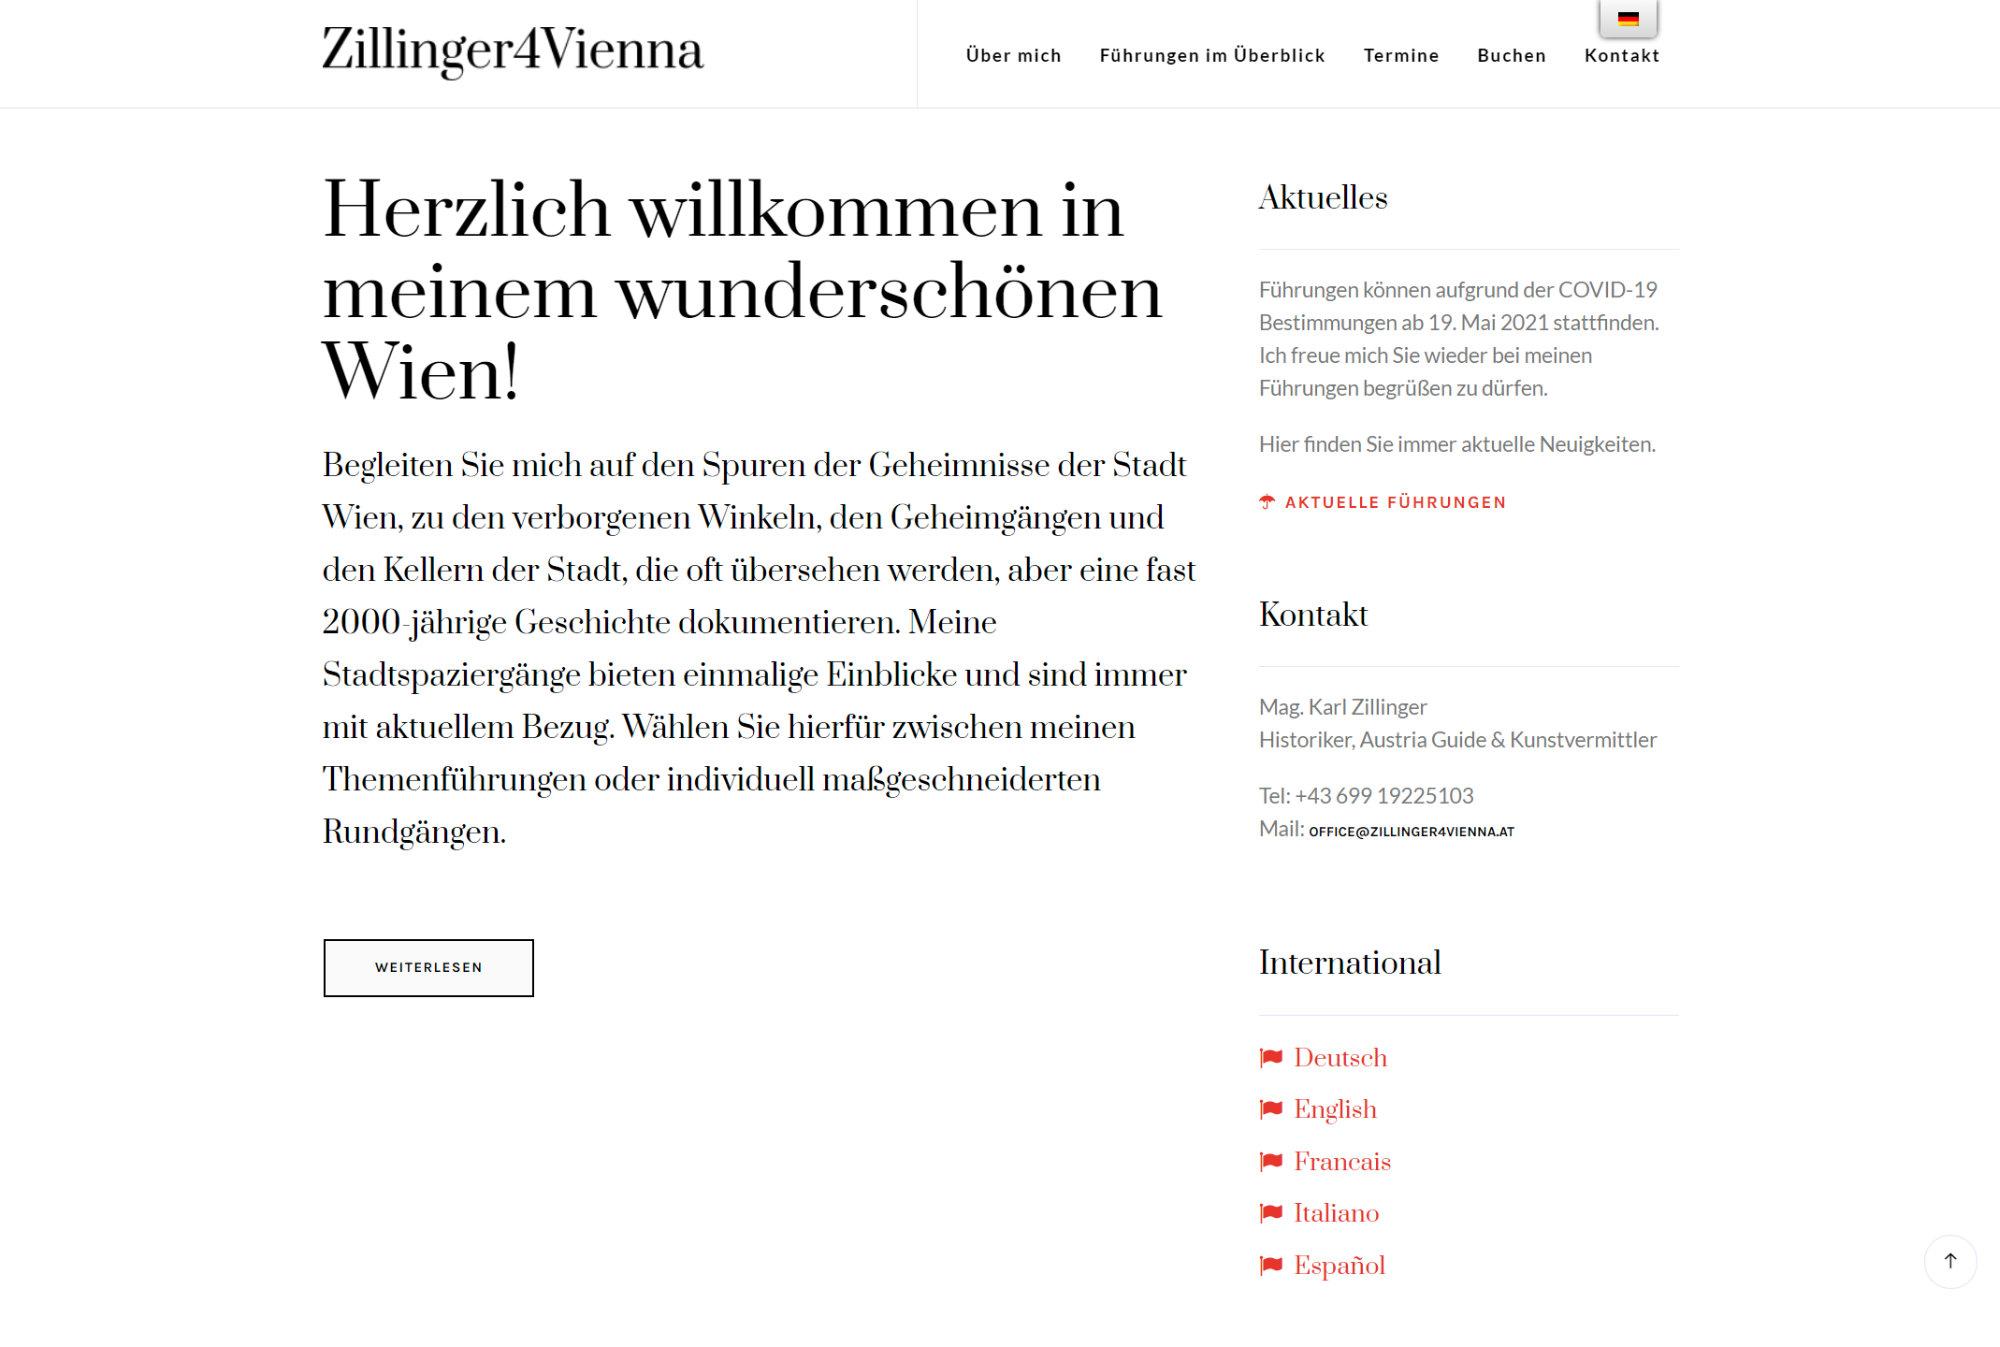 whateverworks-Zillinger4Vienna-G